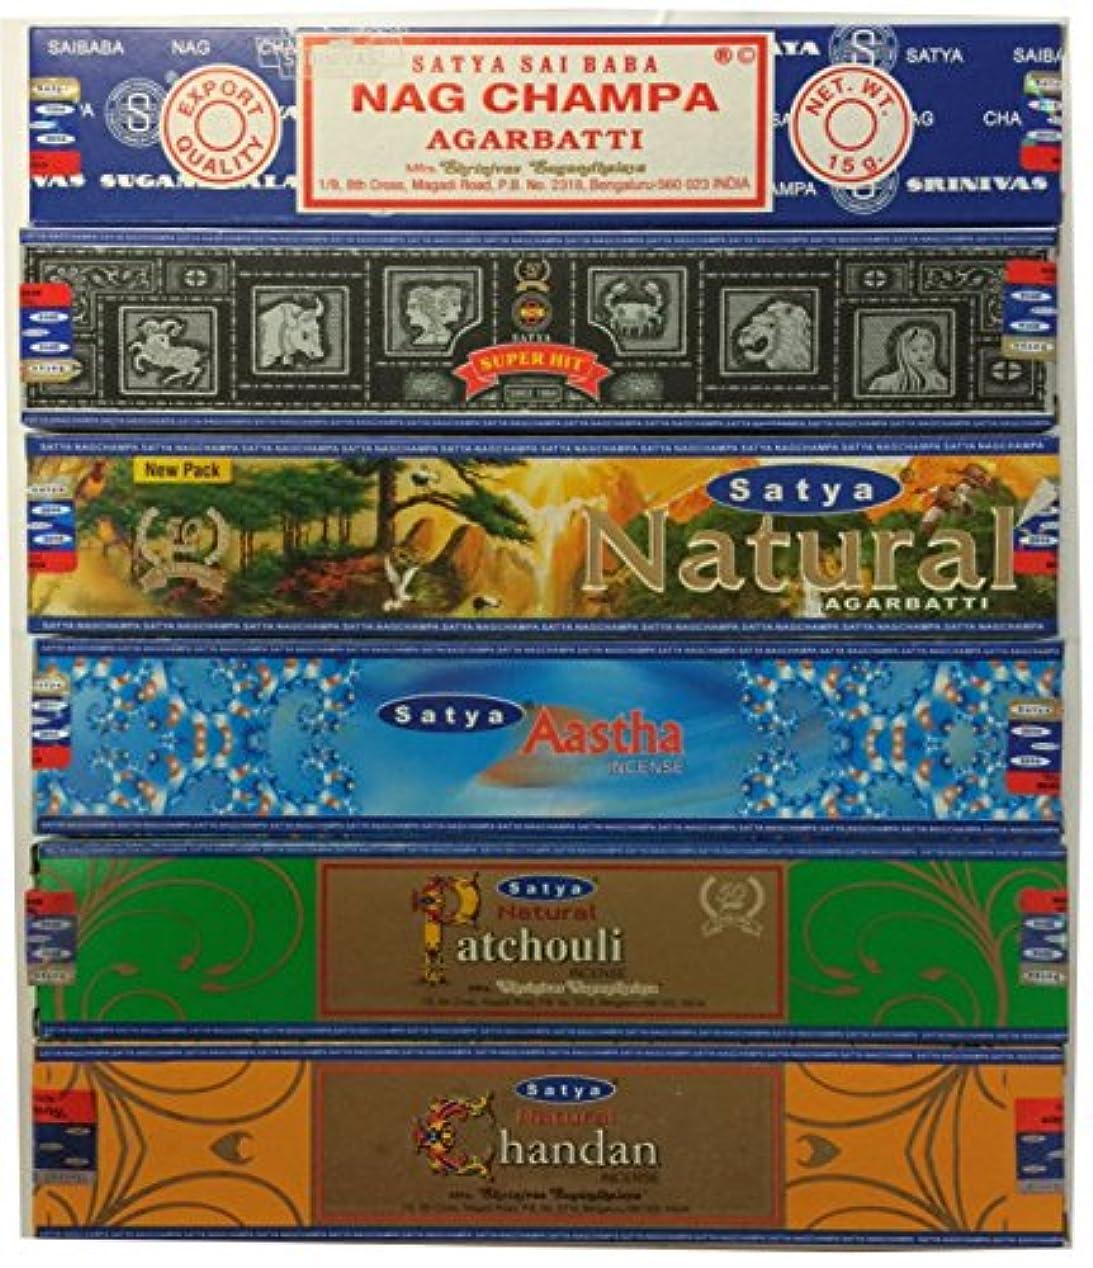 霜願望土器Set of 6 Nag Champa SuperHit自然Aastha Chandan Patchouli By Satya